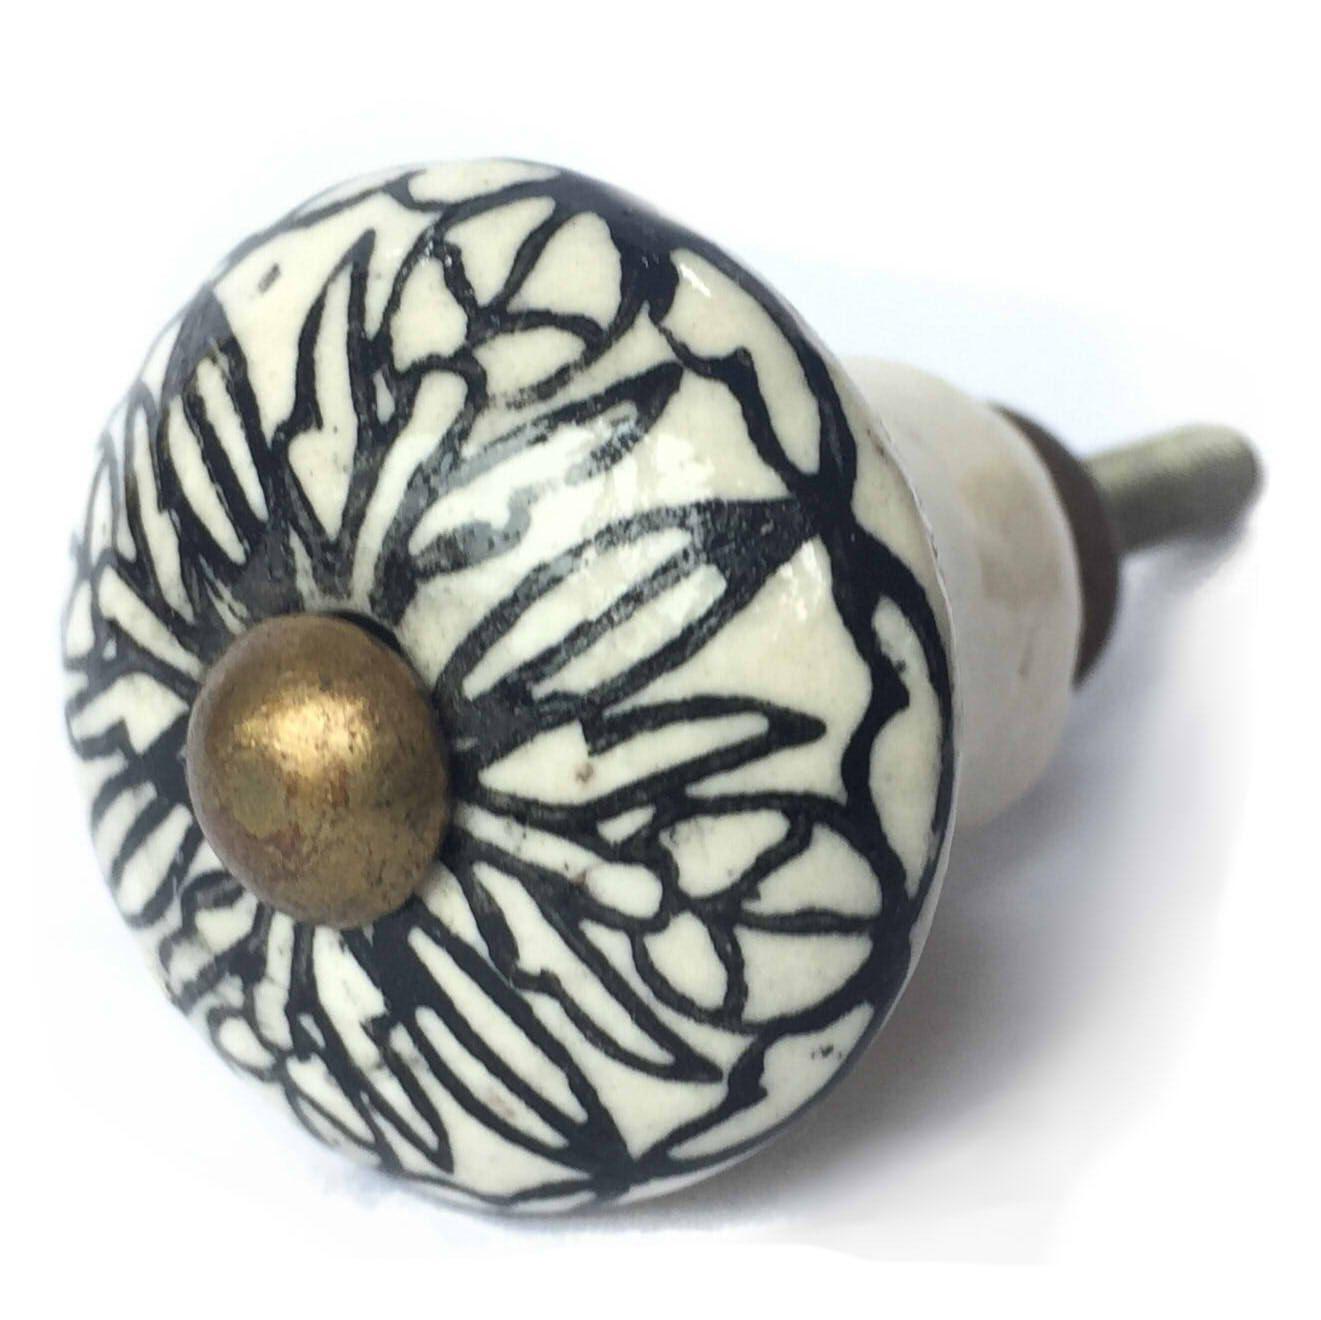 Puxador de Porcelana Noir Petit